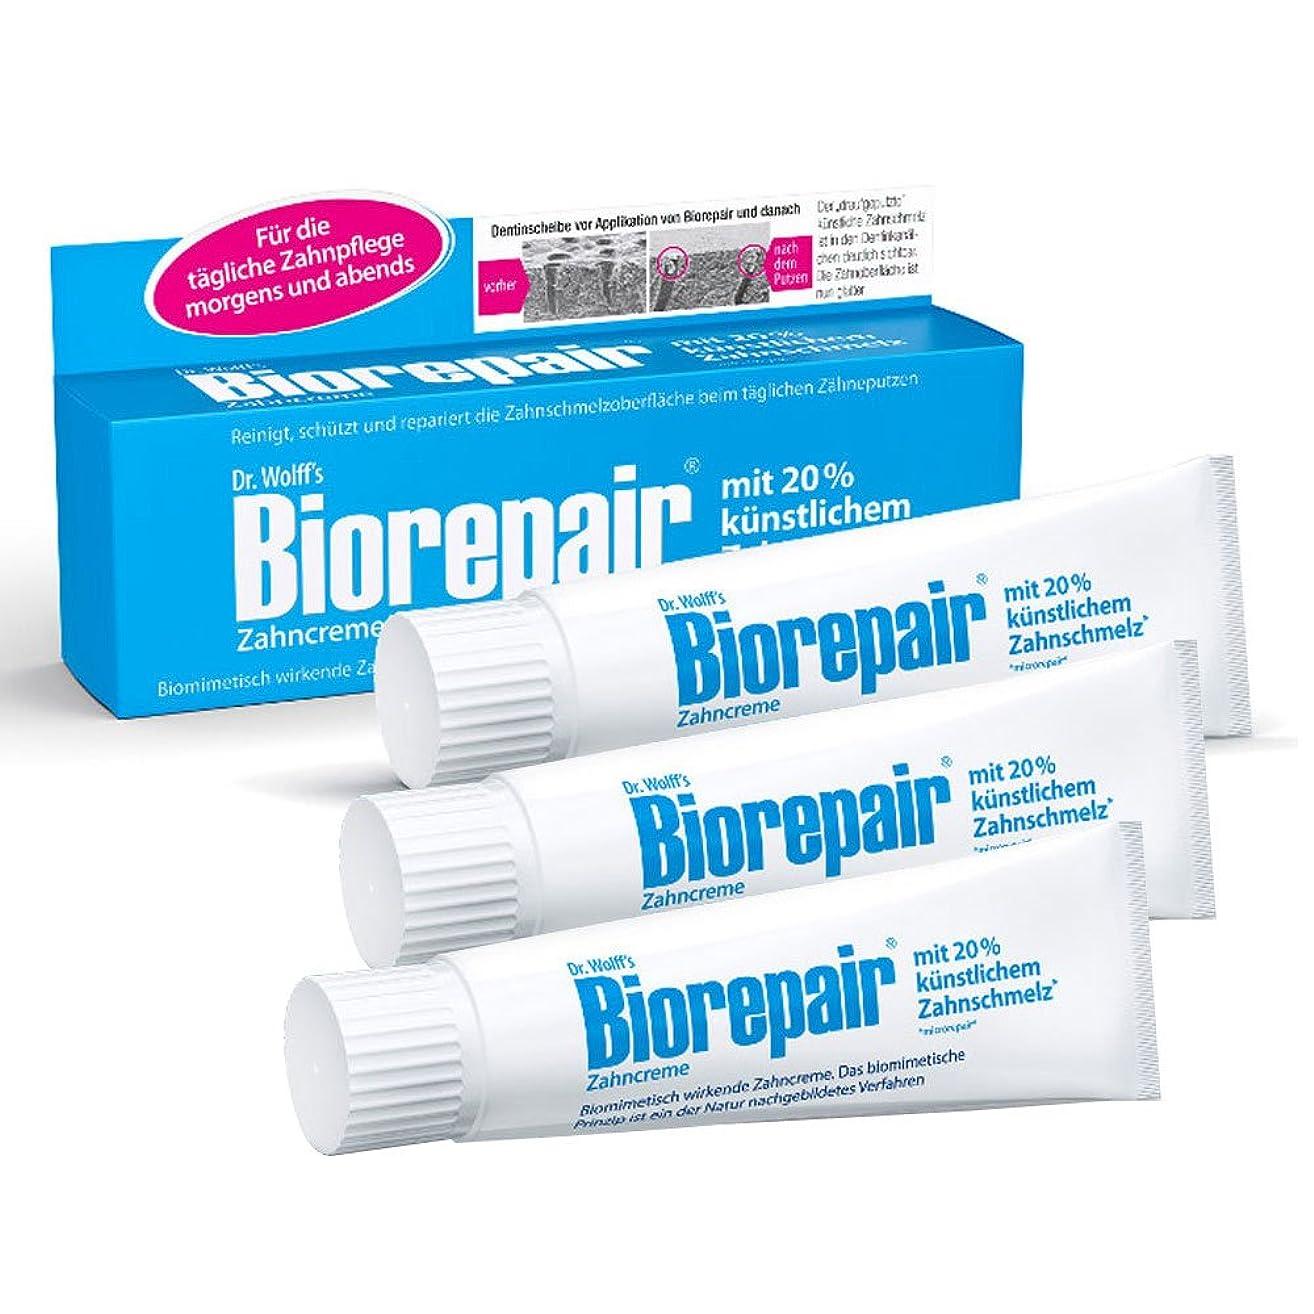 見捨てる無謀マキシムBiorepair 歯磨き粉オリジナル、75ml 歯の保護 耐摩耗性 x 3 [並行輸入品]